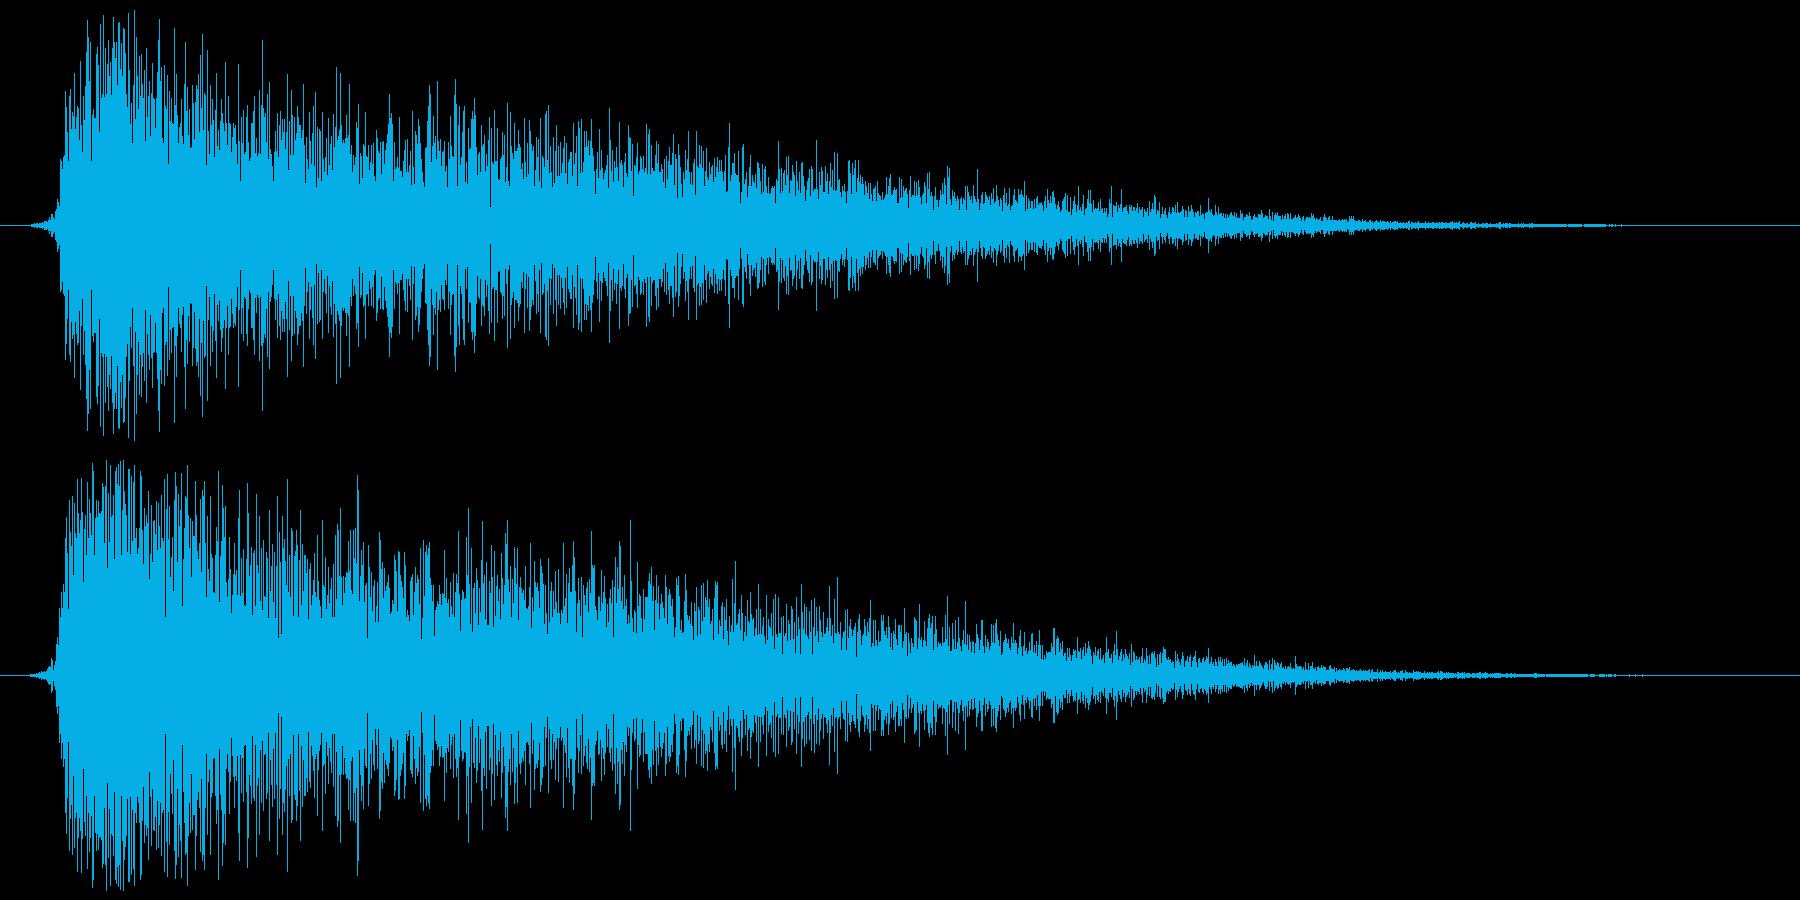 蒸発、蒸気  ジュワーッの再生済みの波形